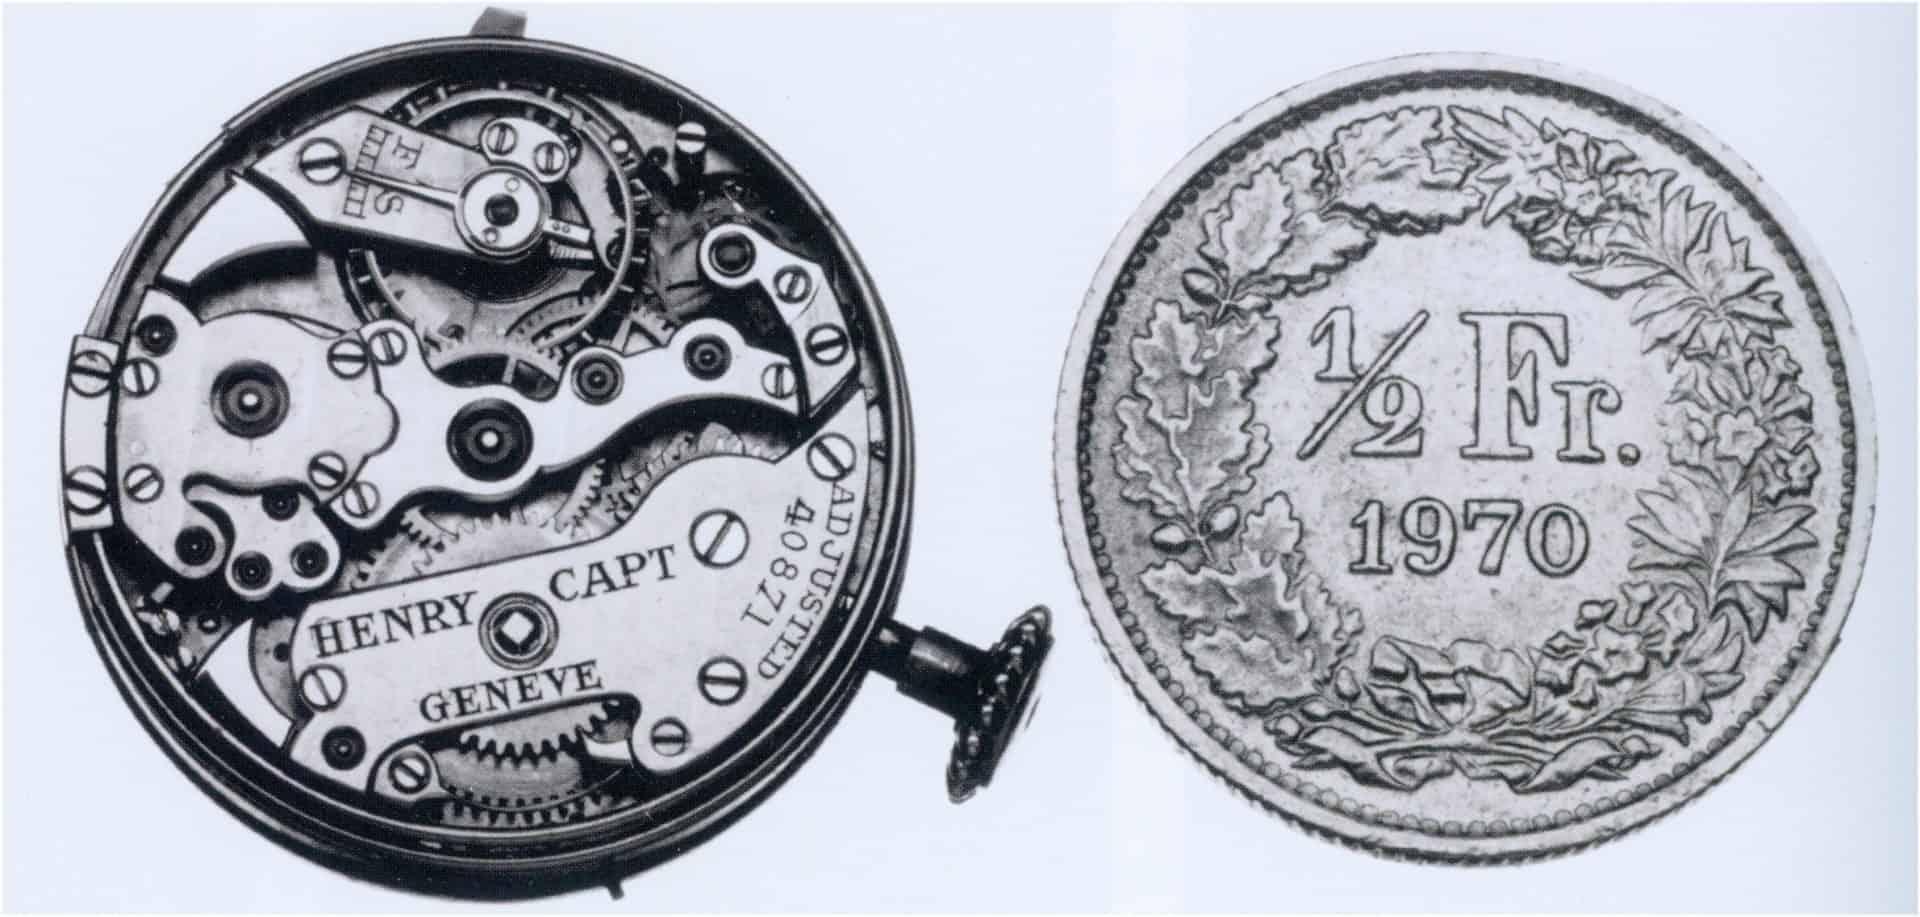 Henry Capt, 8 1/2-liniges Uhrwerk mit Minutenrepetition (Durchmesser 19,17 mm) - frühes 20. Jahrhundert